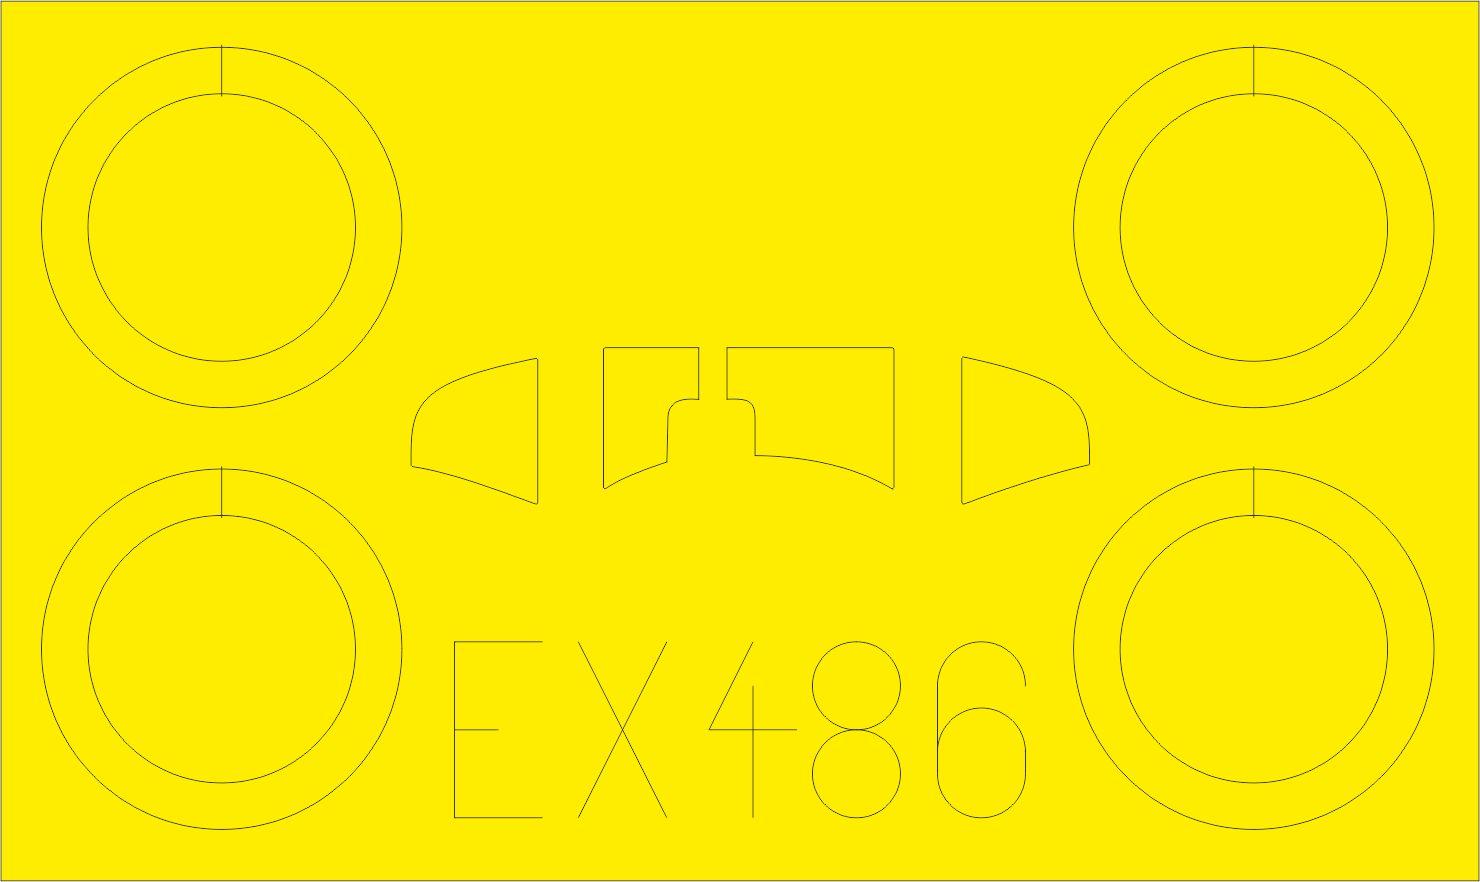 Eduard-EX-486-Heinkel-He-51-B.1-Masken-2 Eduard Zubehör für die Heinkel He 51 im Maßstab 1:48